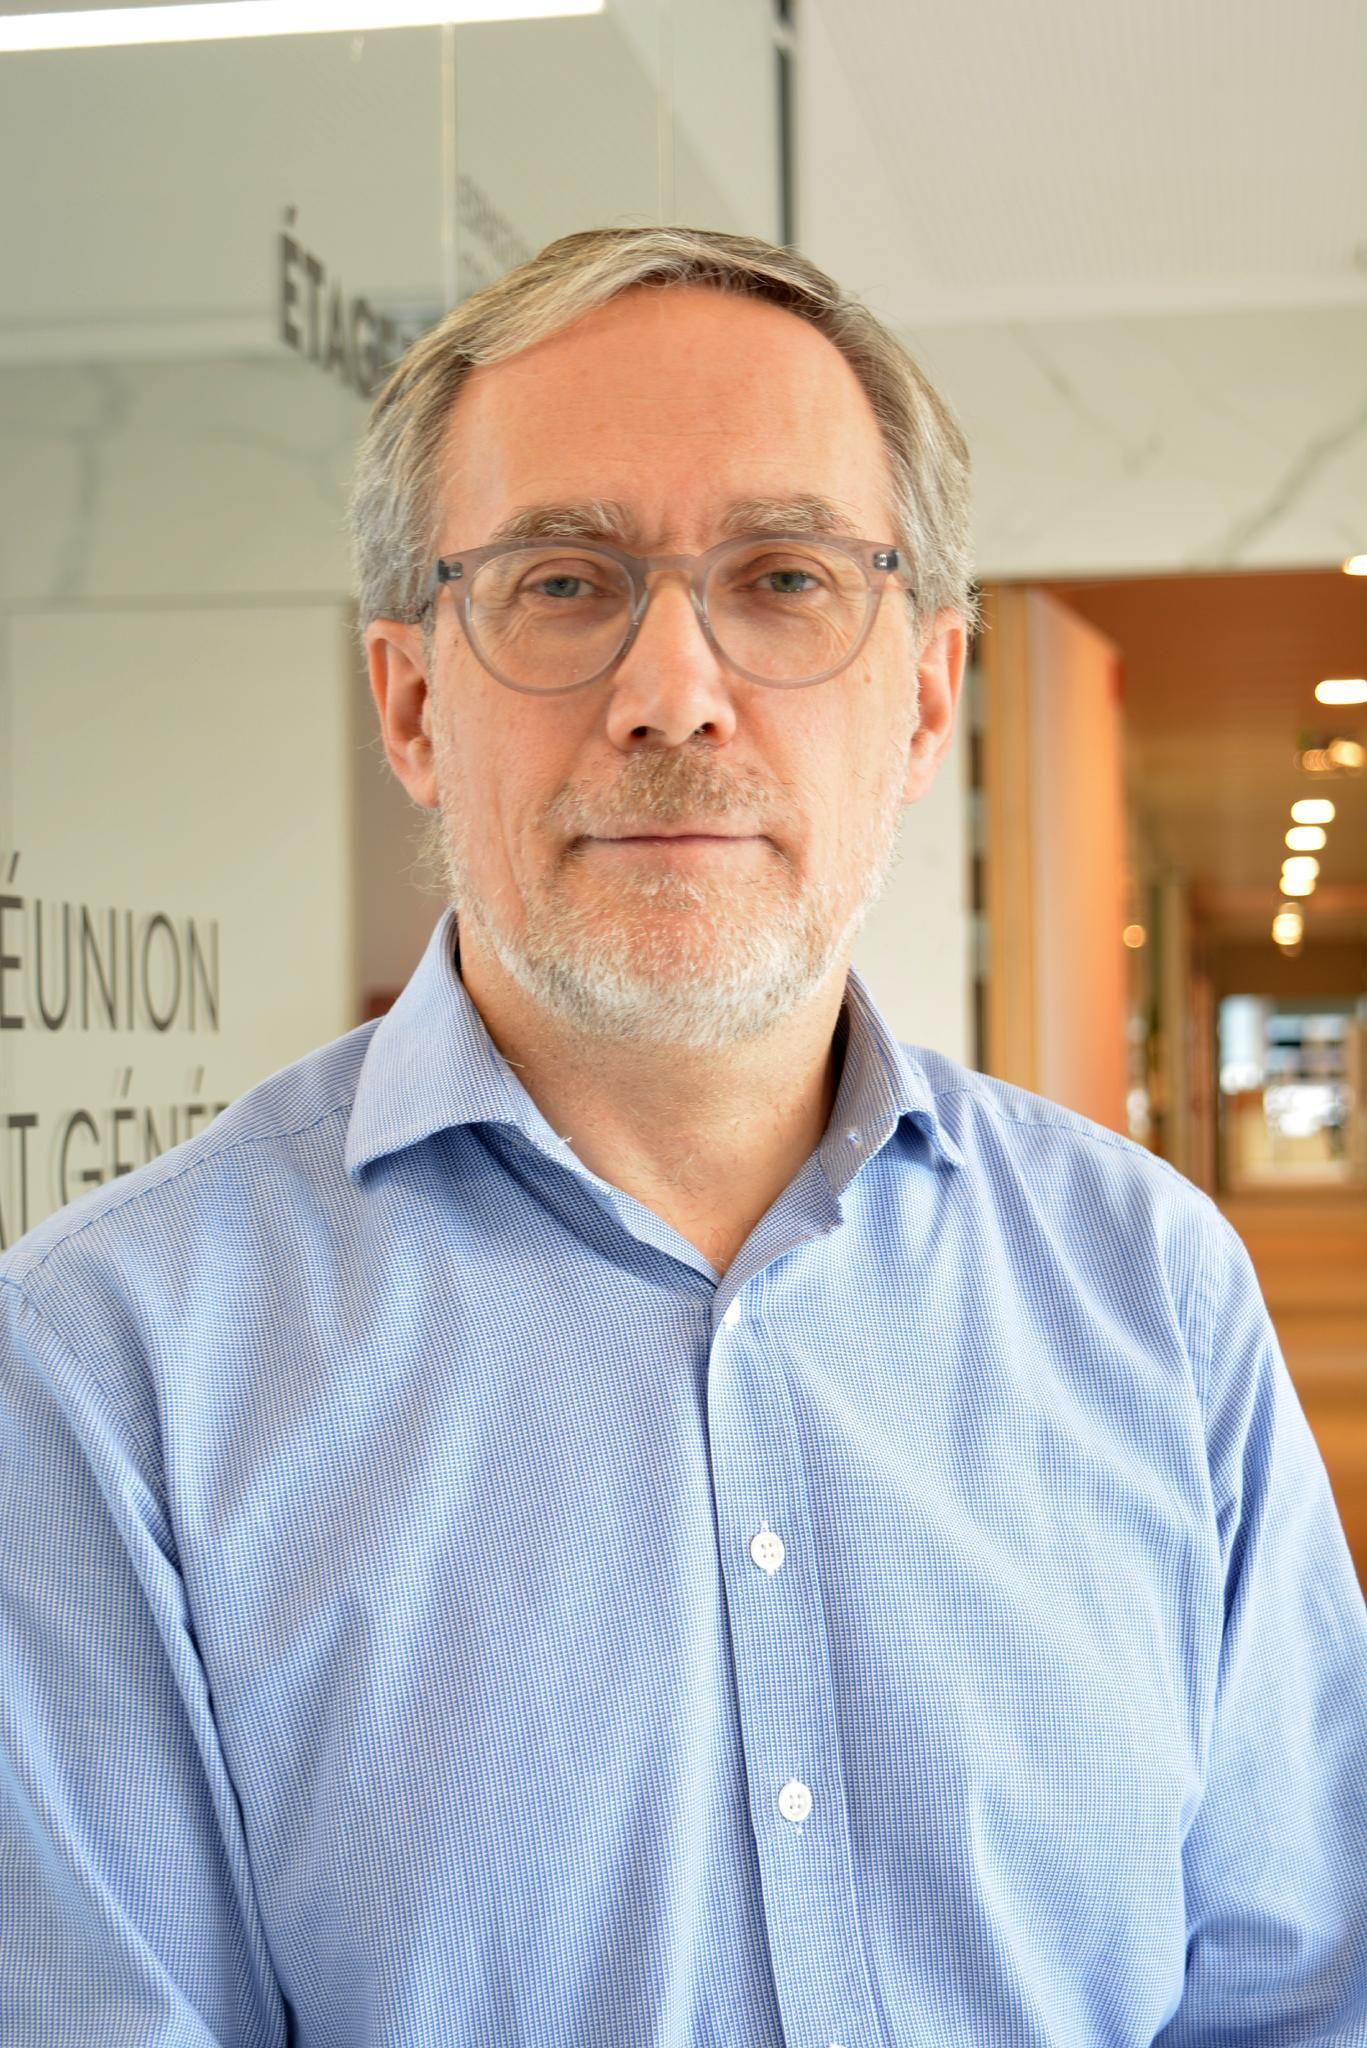 Jean-Philippe Moreau